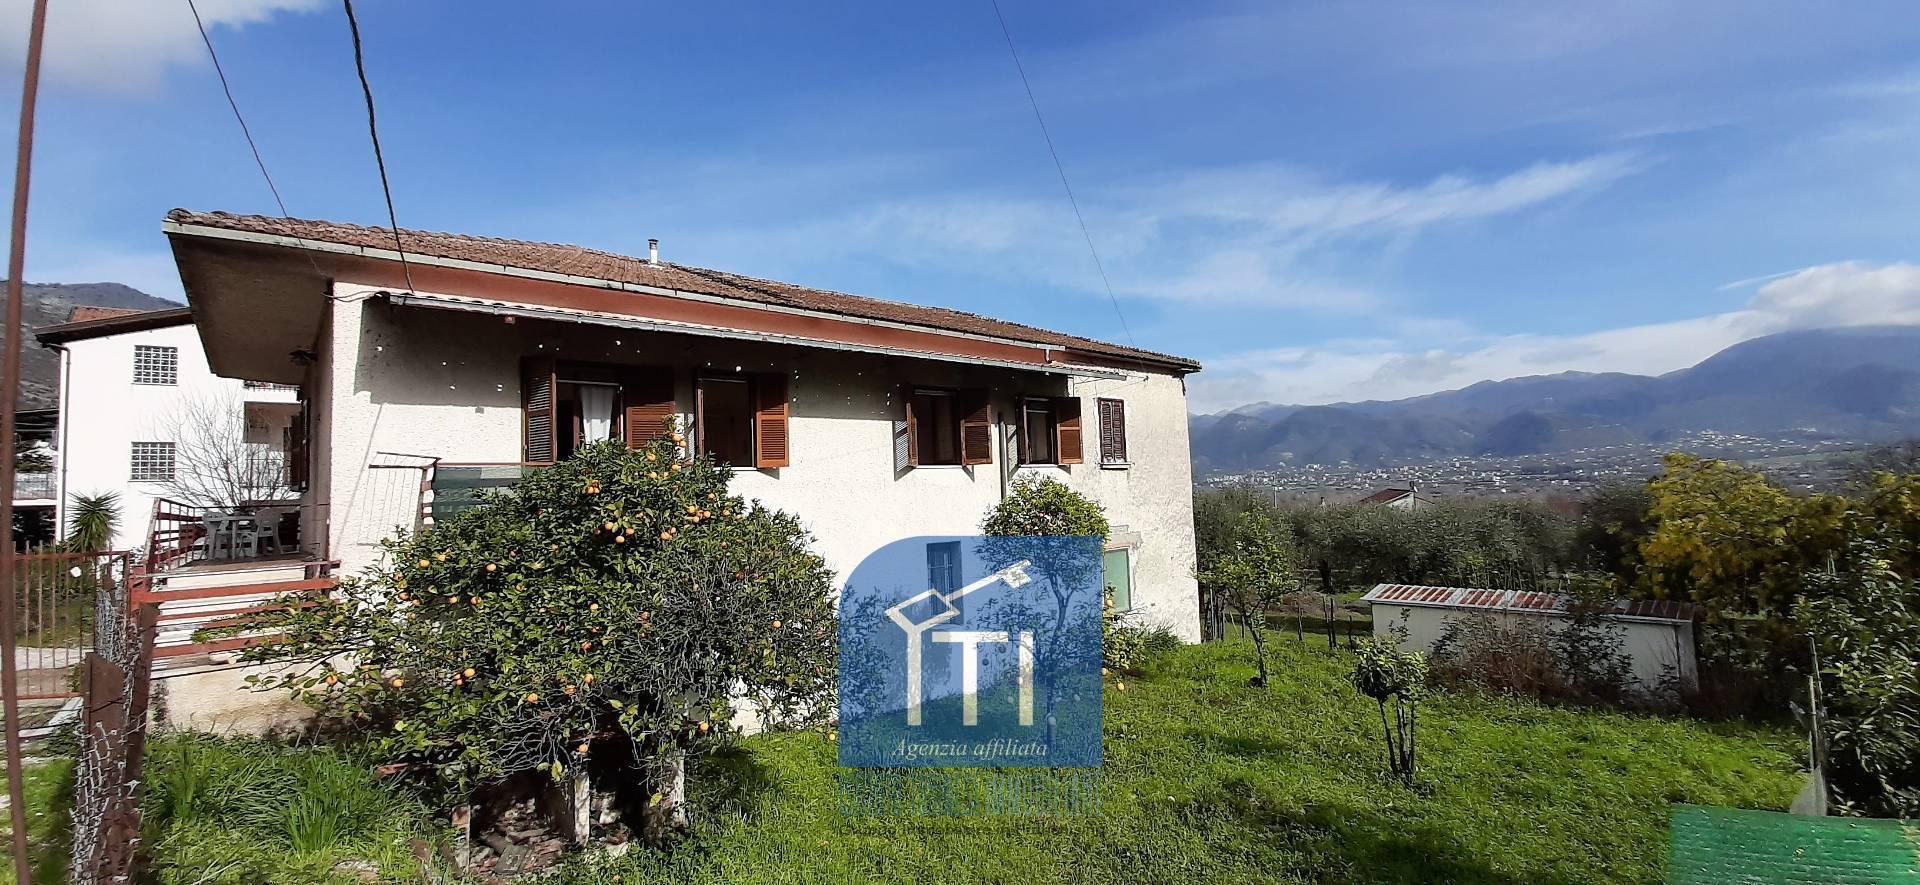 Soluzione Semindipendente in vendita a Cassino, 10 locali, zona Zona: Caira, prezzo € 85.000   CambioCasa.it